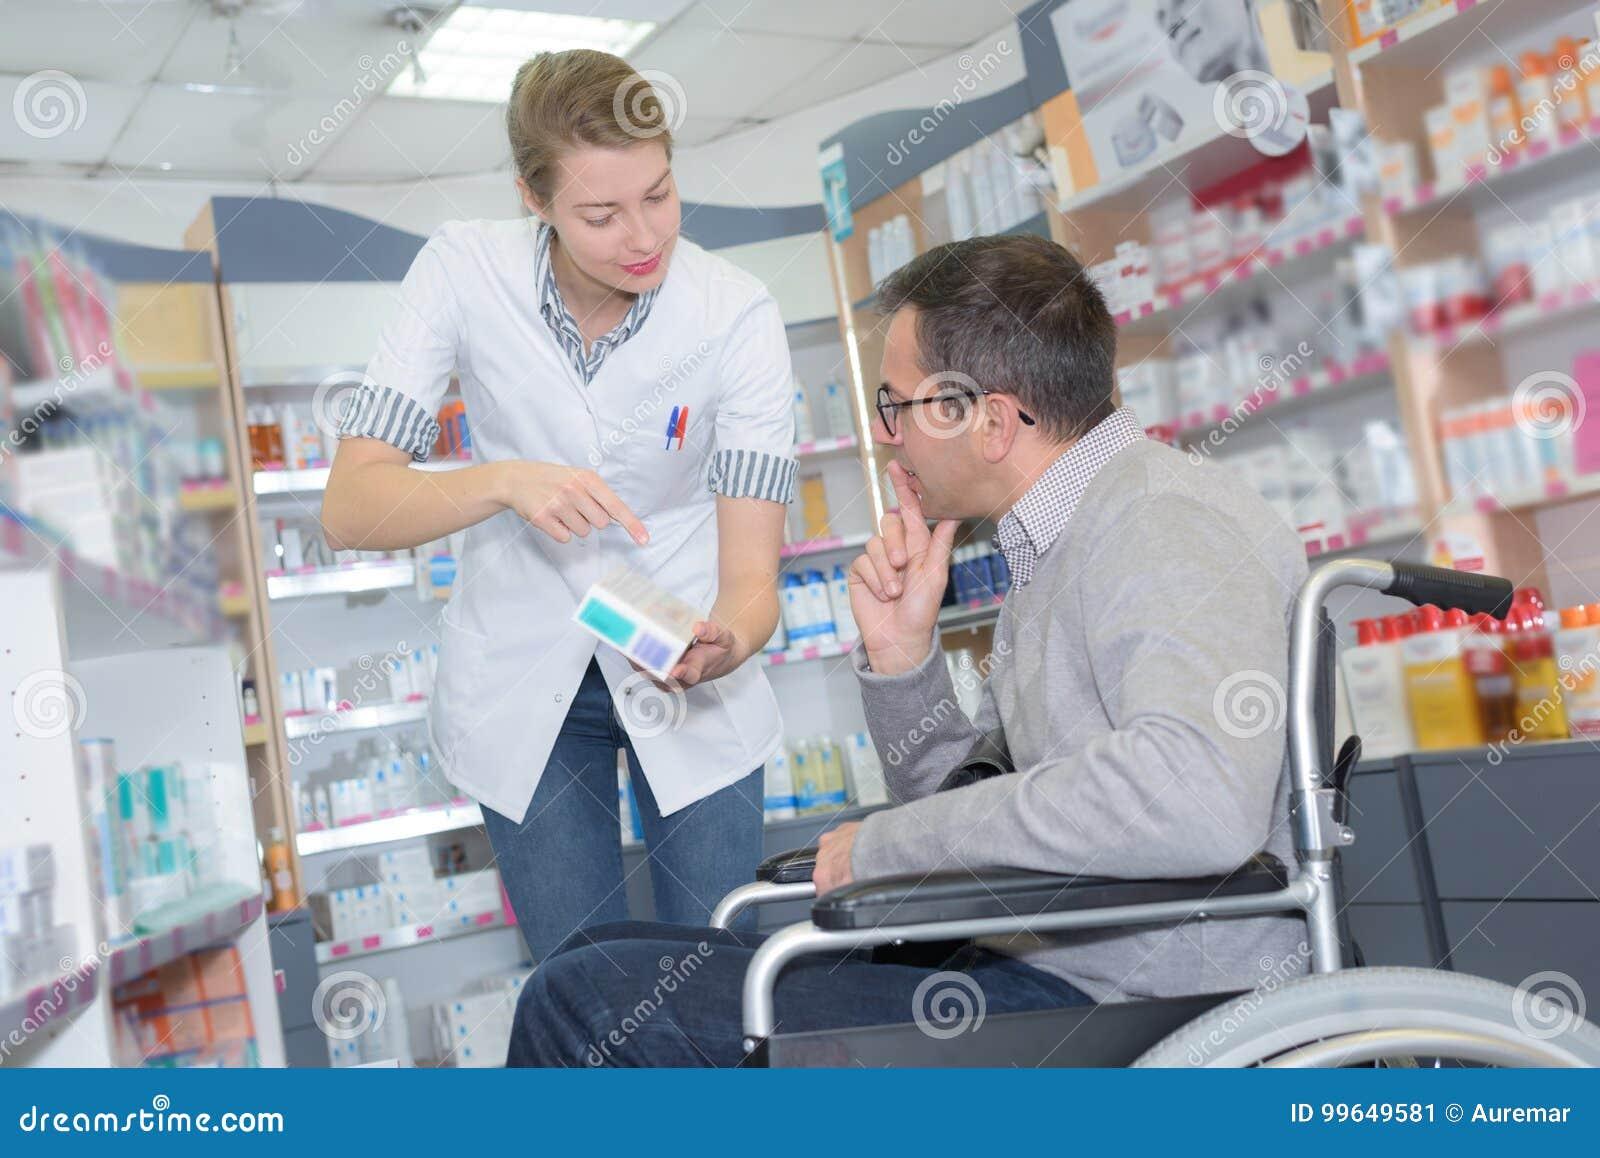 Συμβουλευτικό άτομο φαρμακοποιών στην αναπηρική καρέκλα στο φαρμακείο